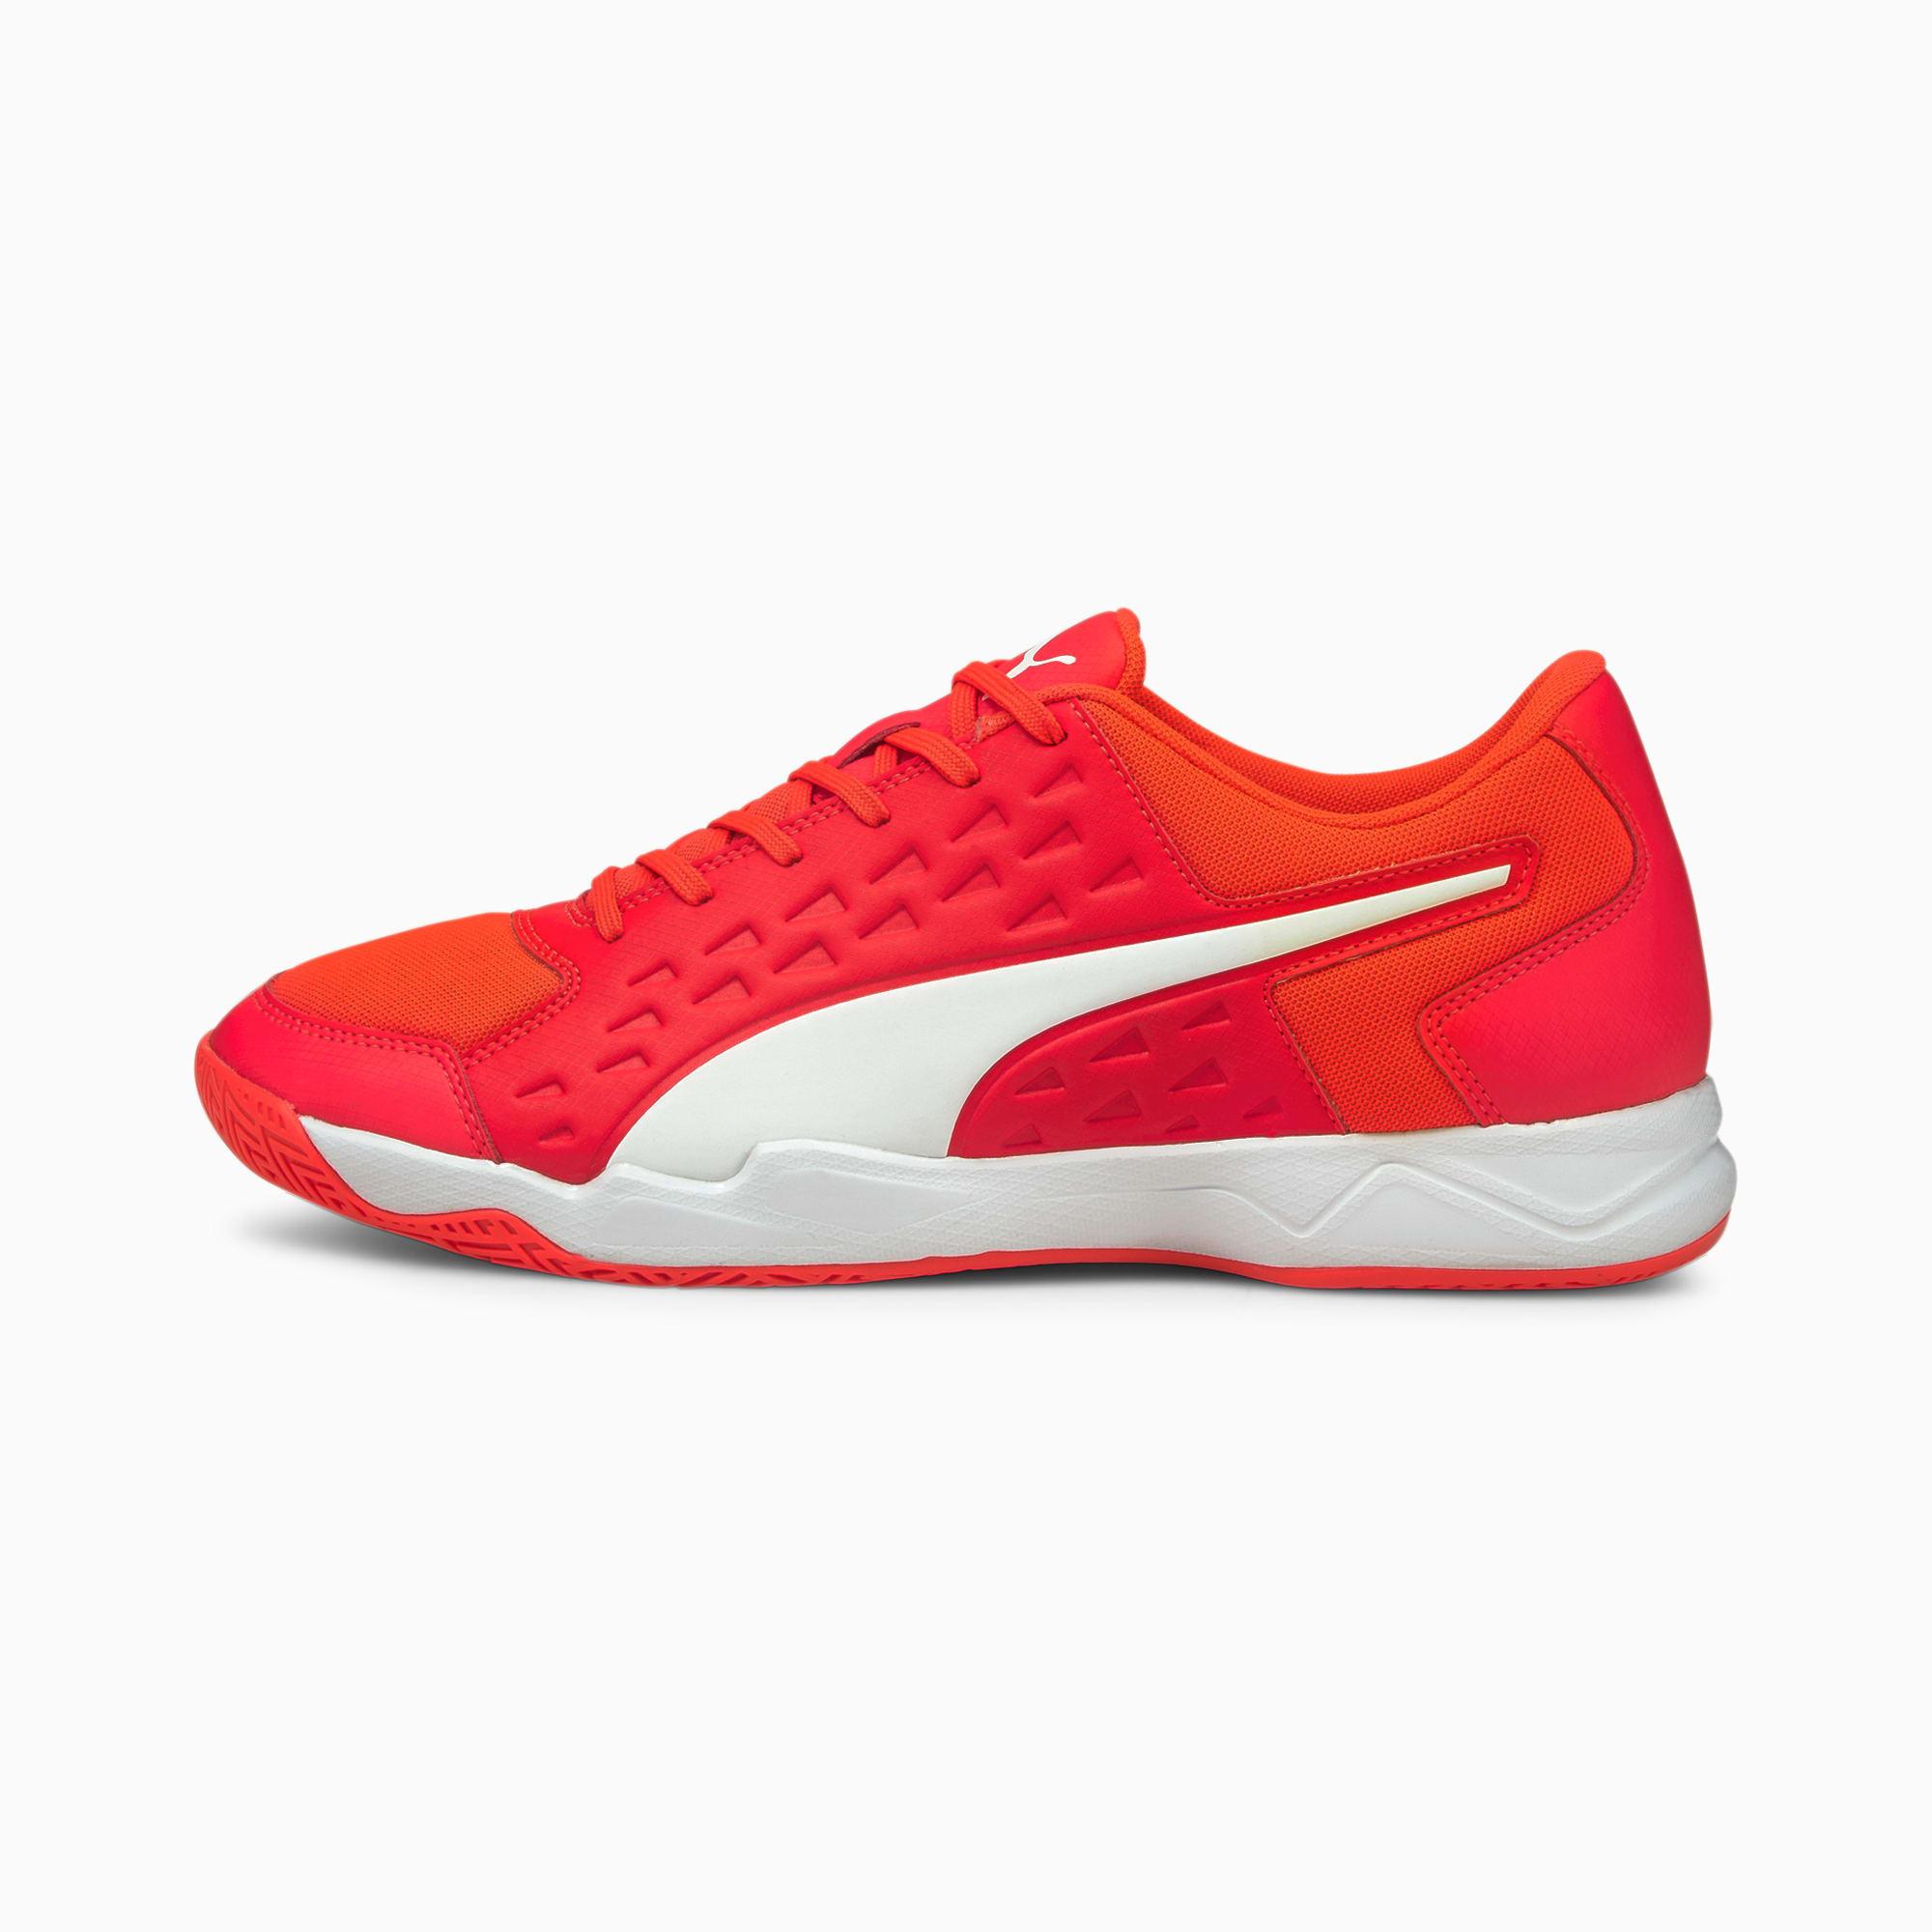 Auriz Men's Indoor Sports Shoes | Red Blast-White-Red Blast | PUMA ...